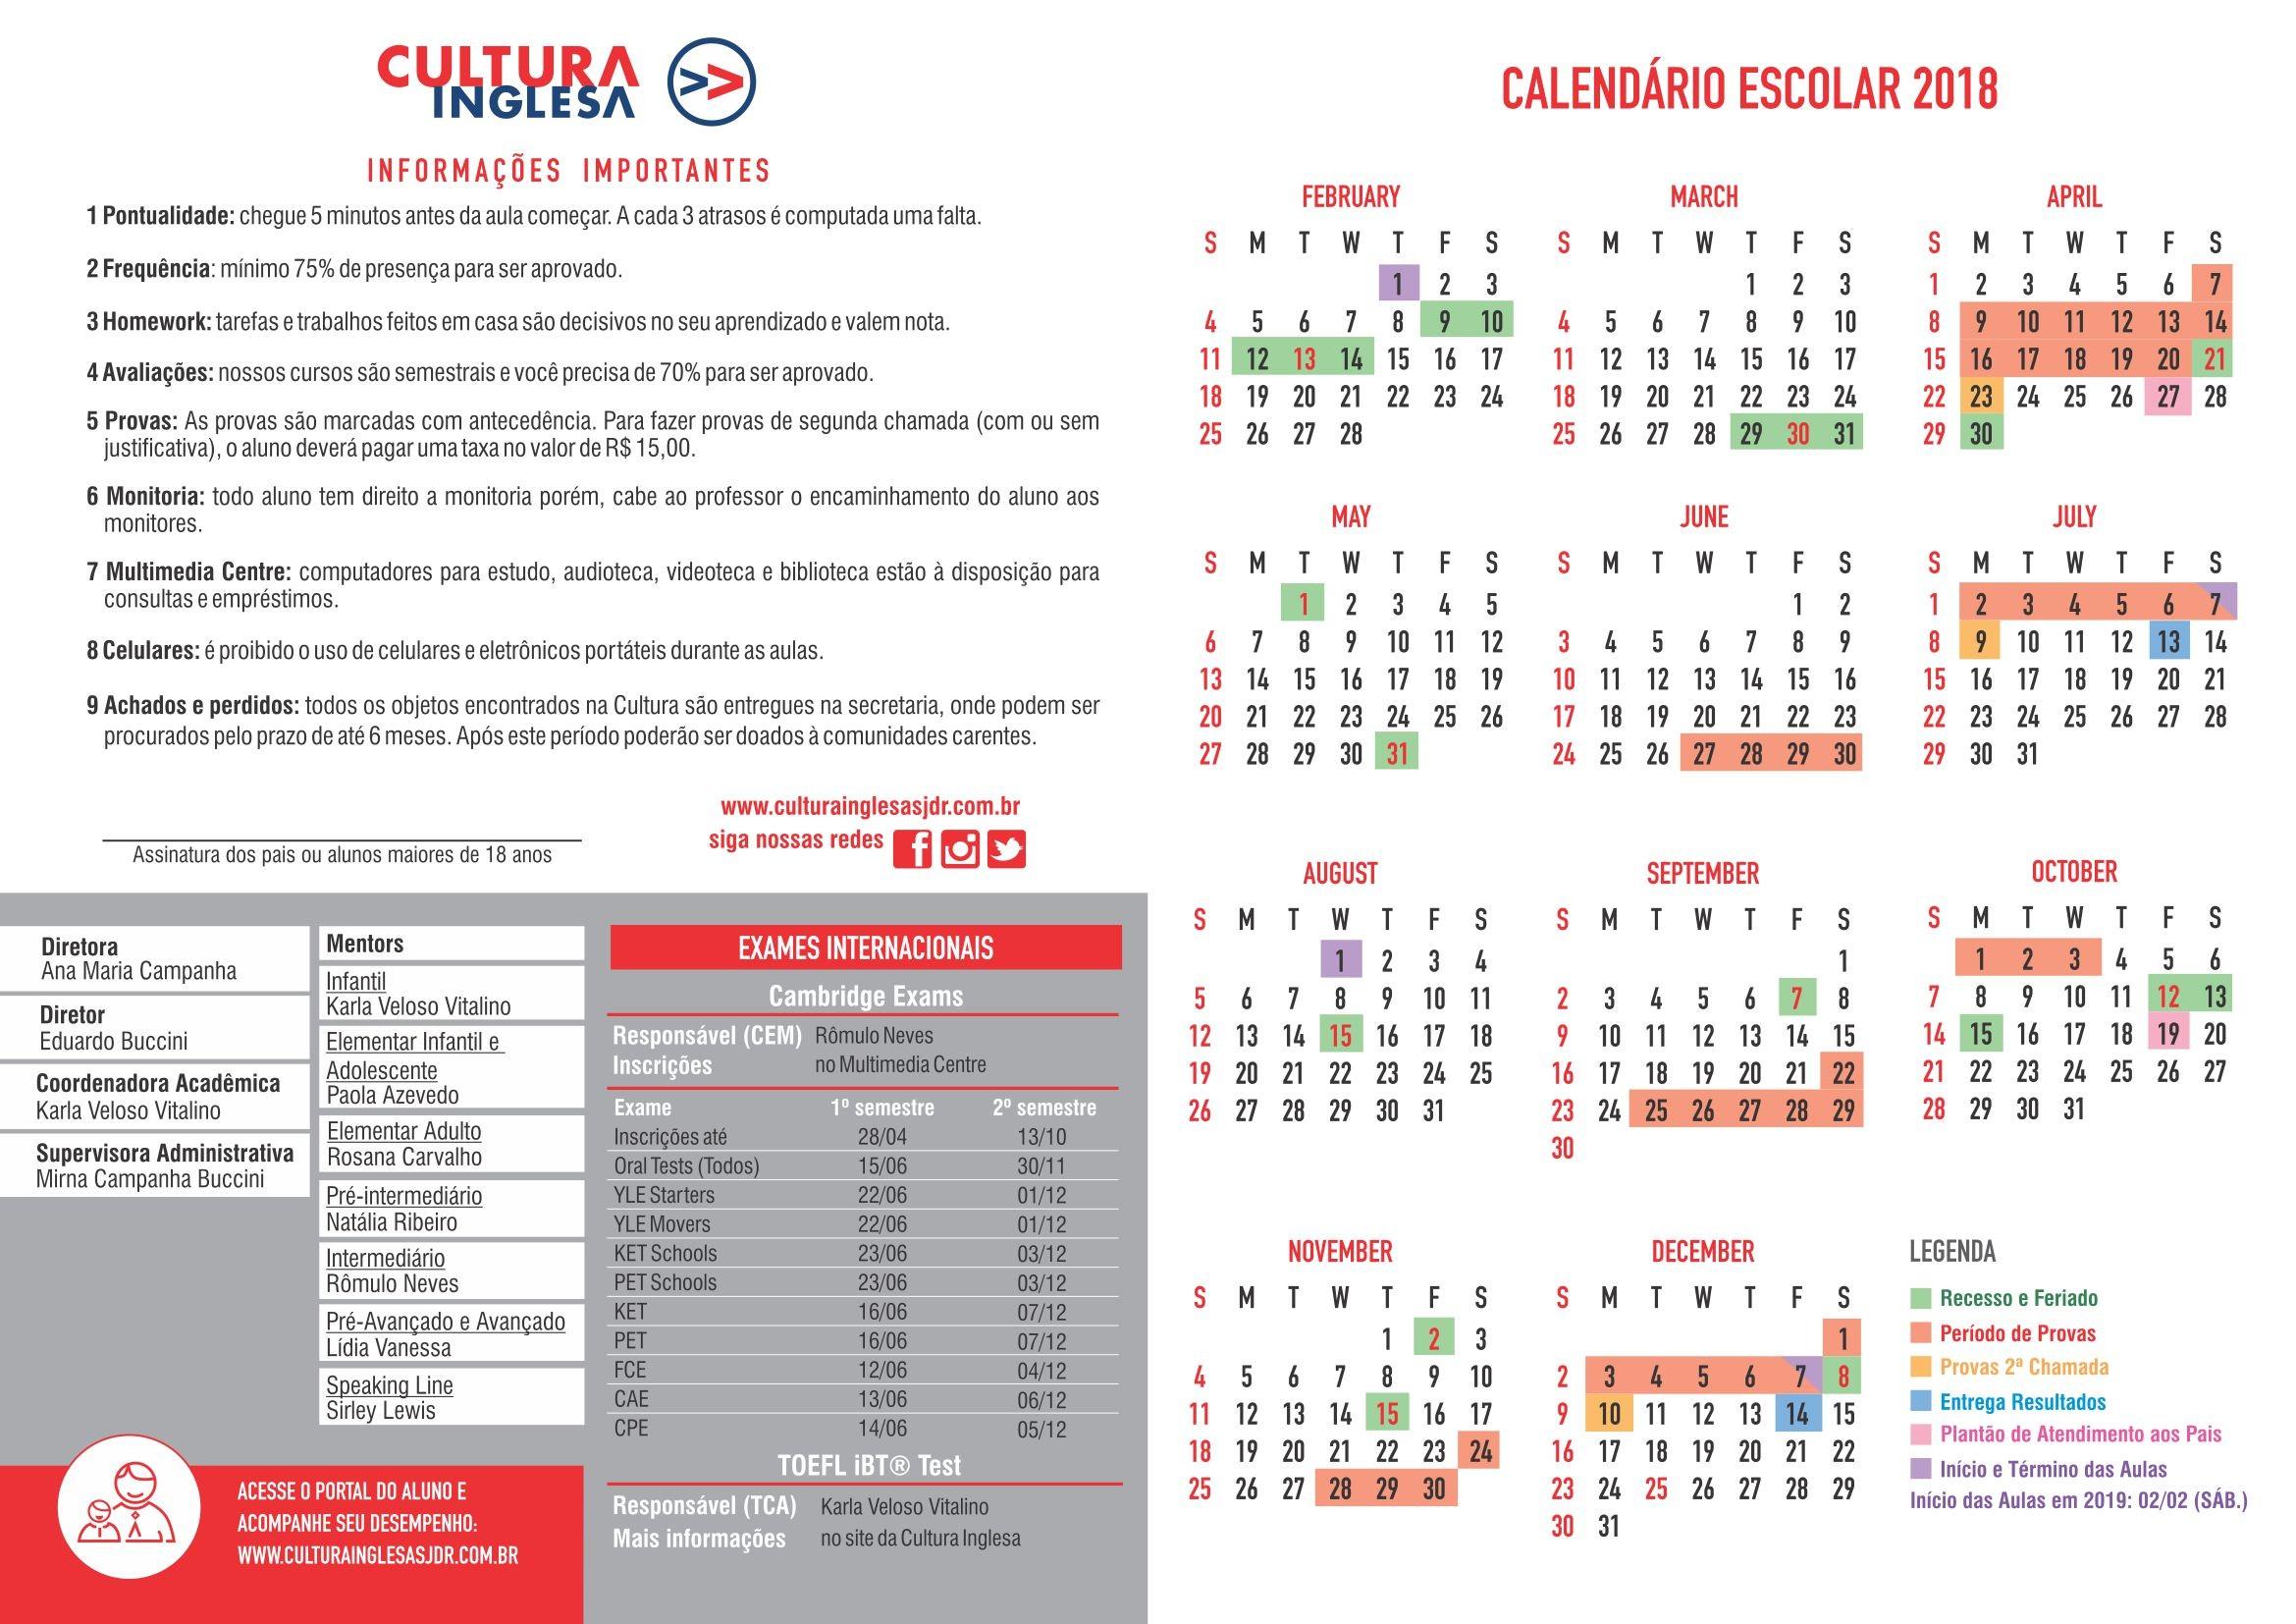 Calendario 2019 Feriados Sjc Más Recientes Calendário Of Calendario 2019 Feriados Sjc Más Actual Październik 2018 Do Wrzesień 2019 Kalendarz